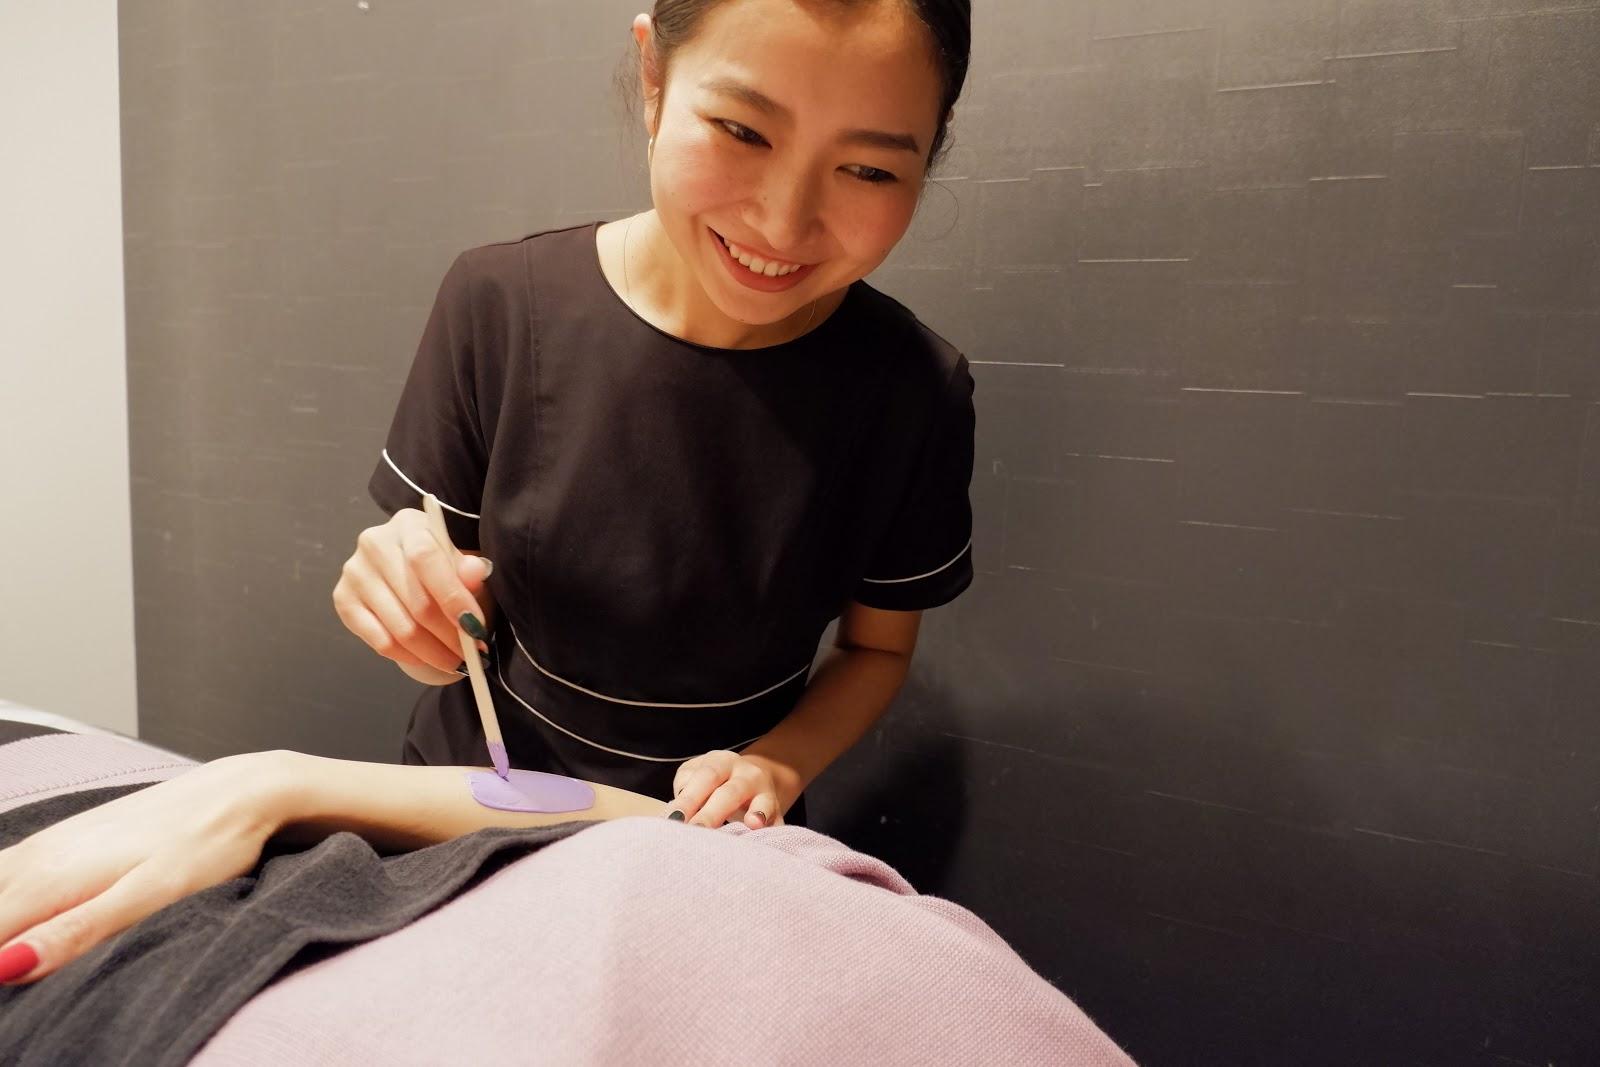 メンズVIO脱毛&ブラジリアンワックスサロンQueen's Wax土屋施術の様子